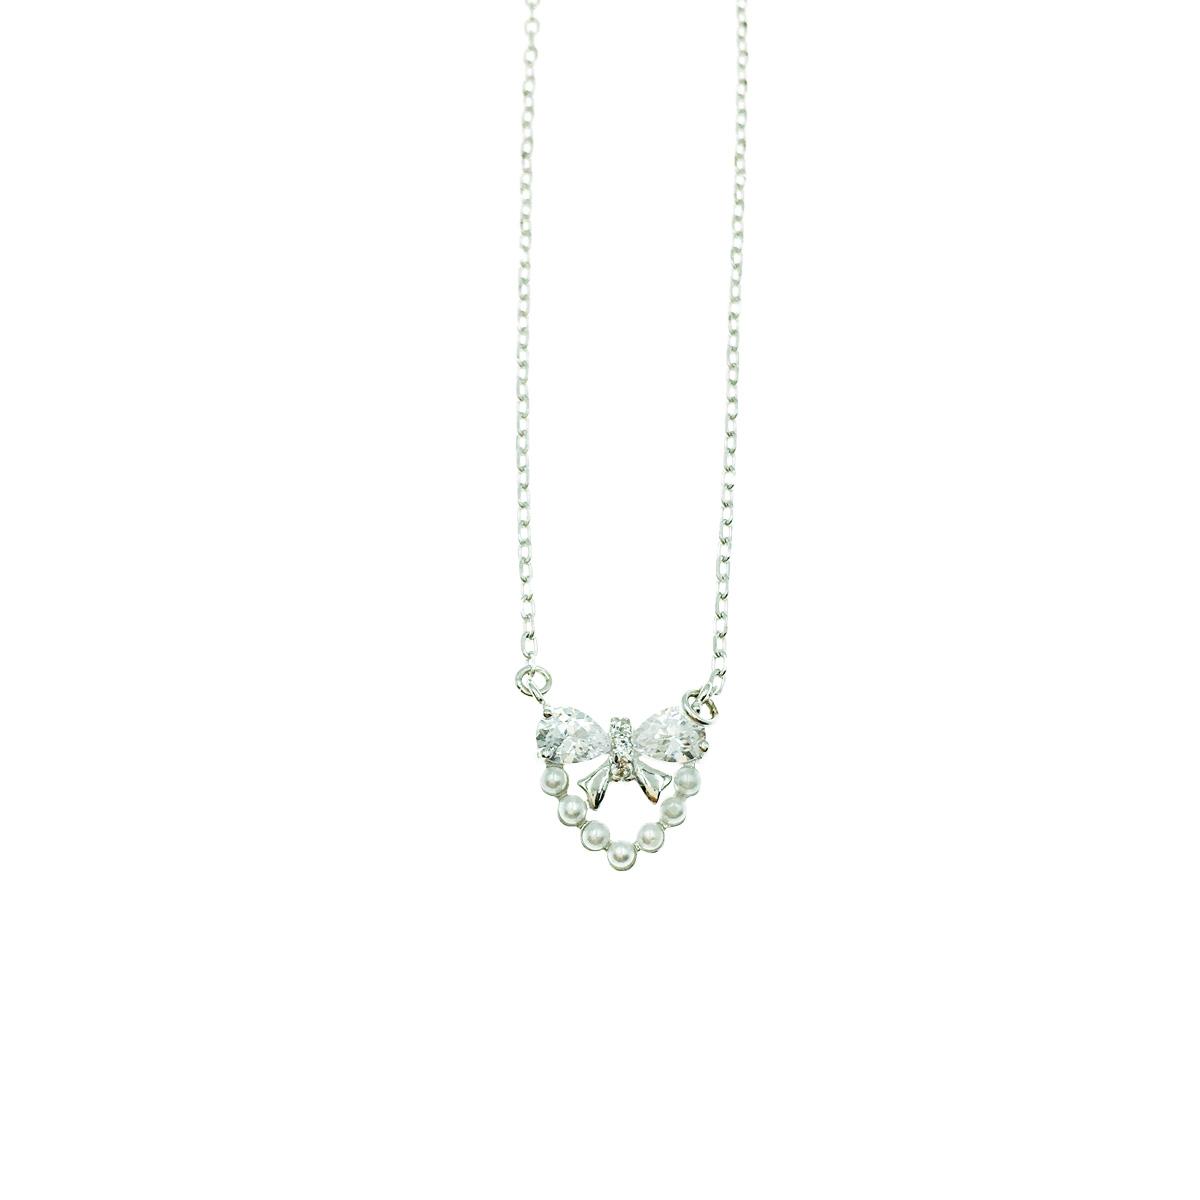 韓國 925純銀 立體愛心 珍珠 蝴蝶結水鑽簡約質感 項鍊